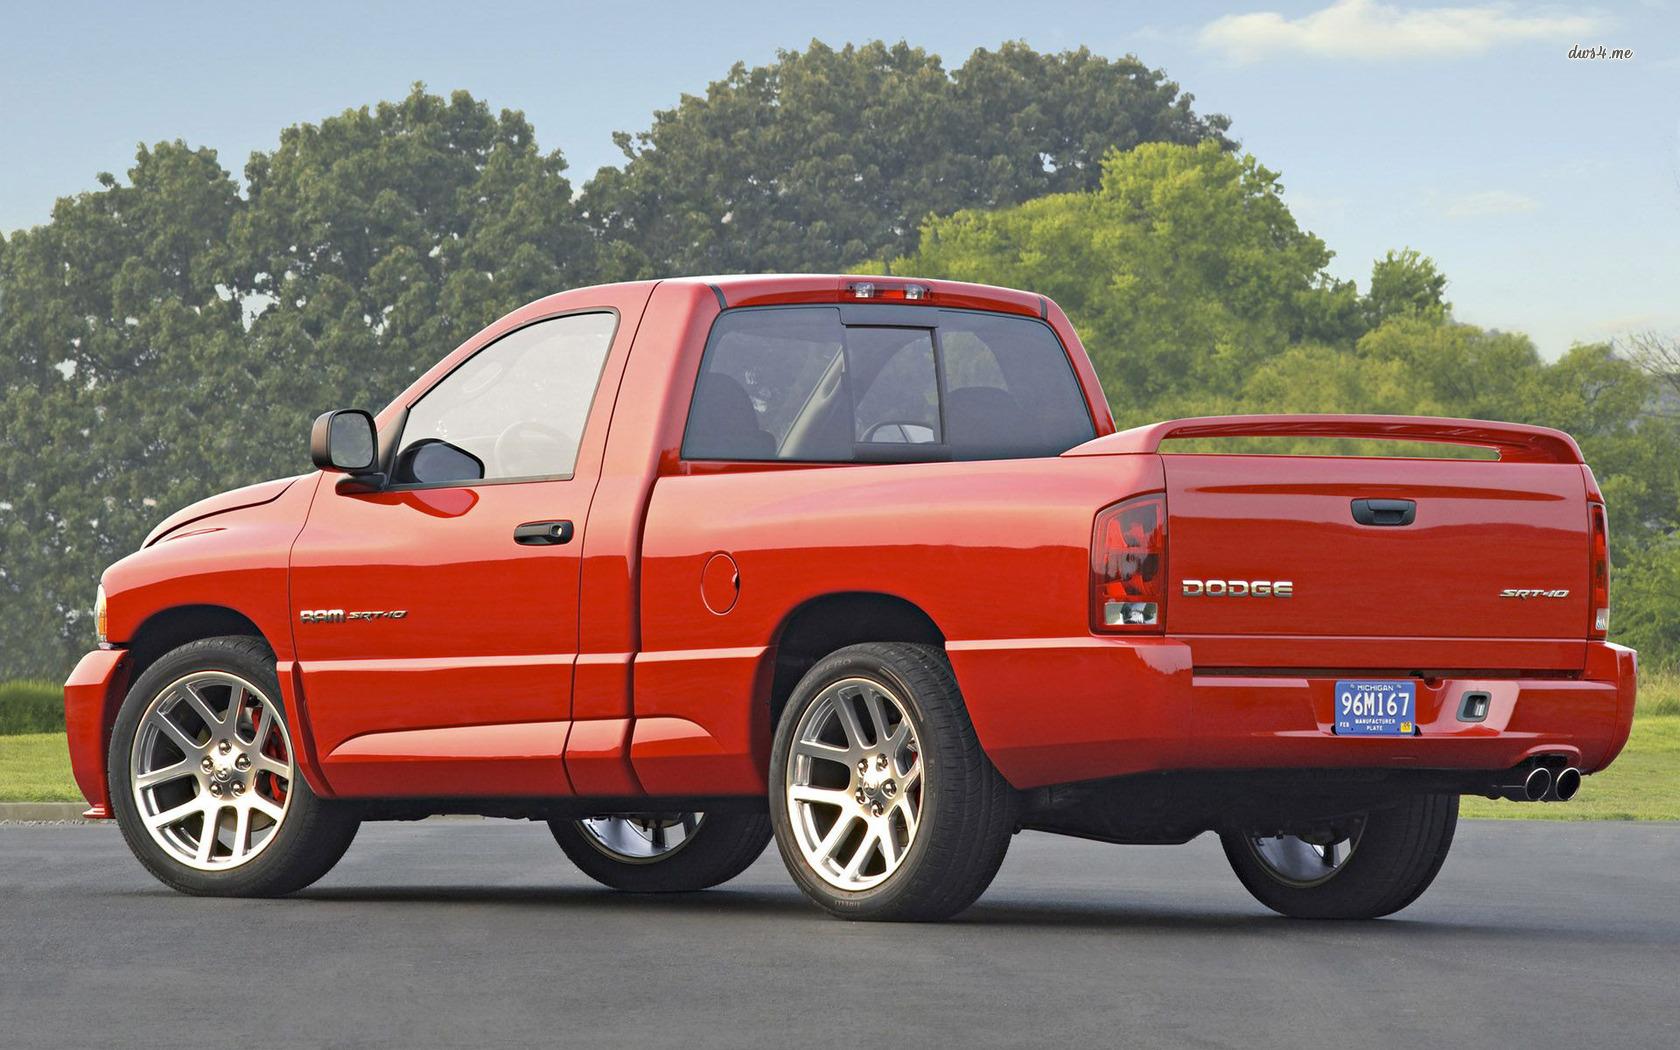 Dodge Ram Srt 10 Rear 1680x1050 Wallpaper Teahub Io